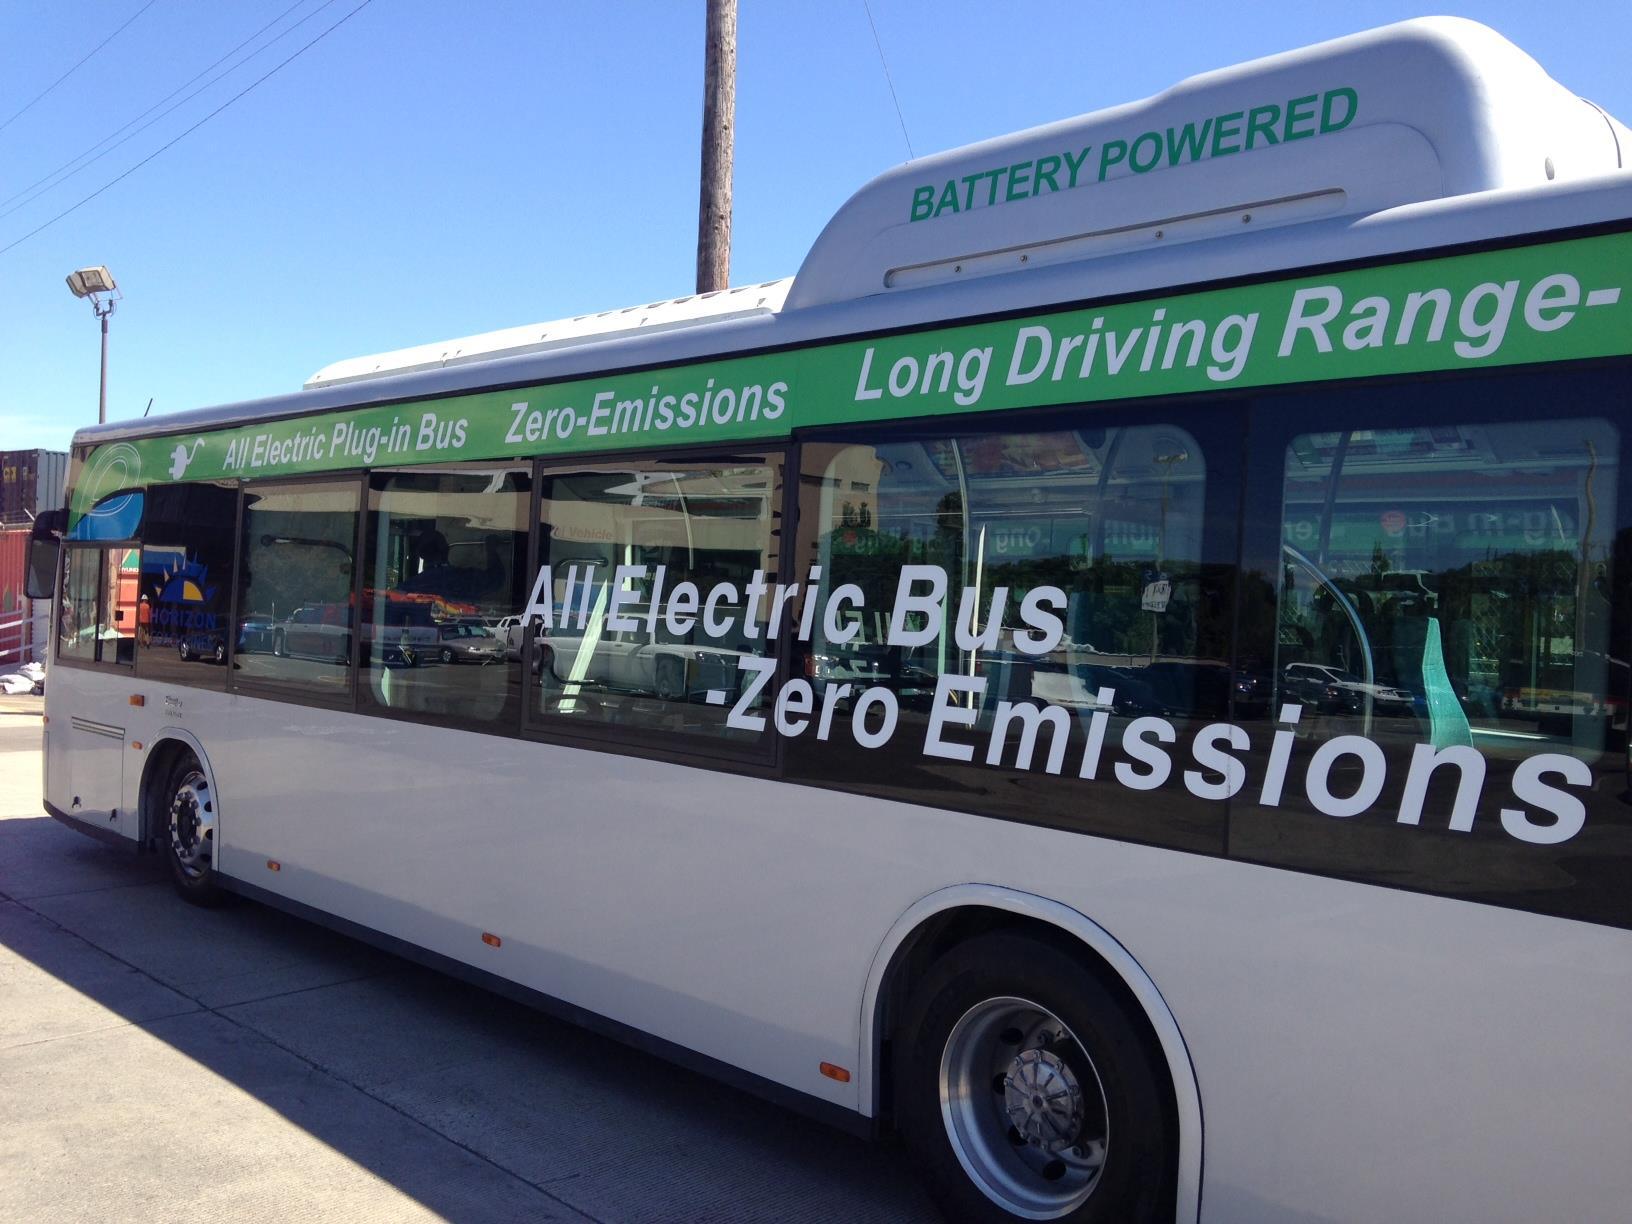 到2020年全球电动公共汽车市场达850亿美元